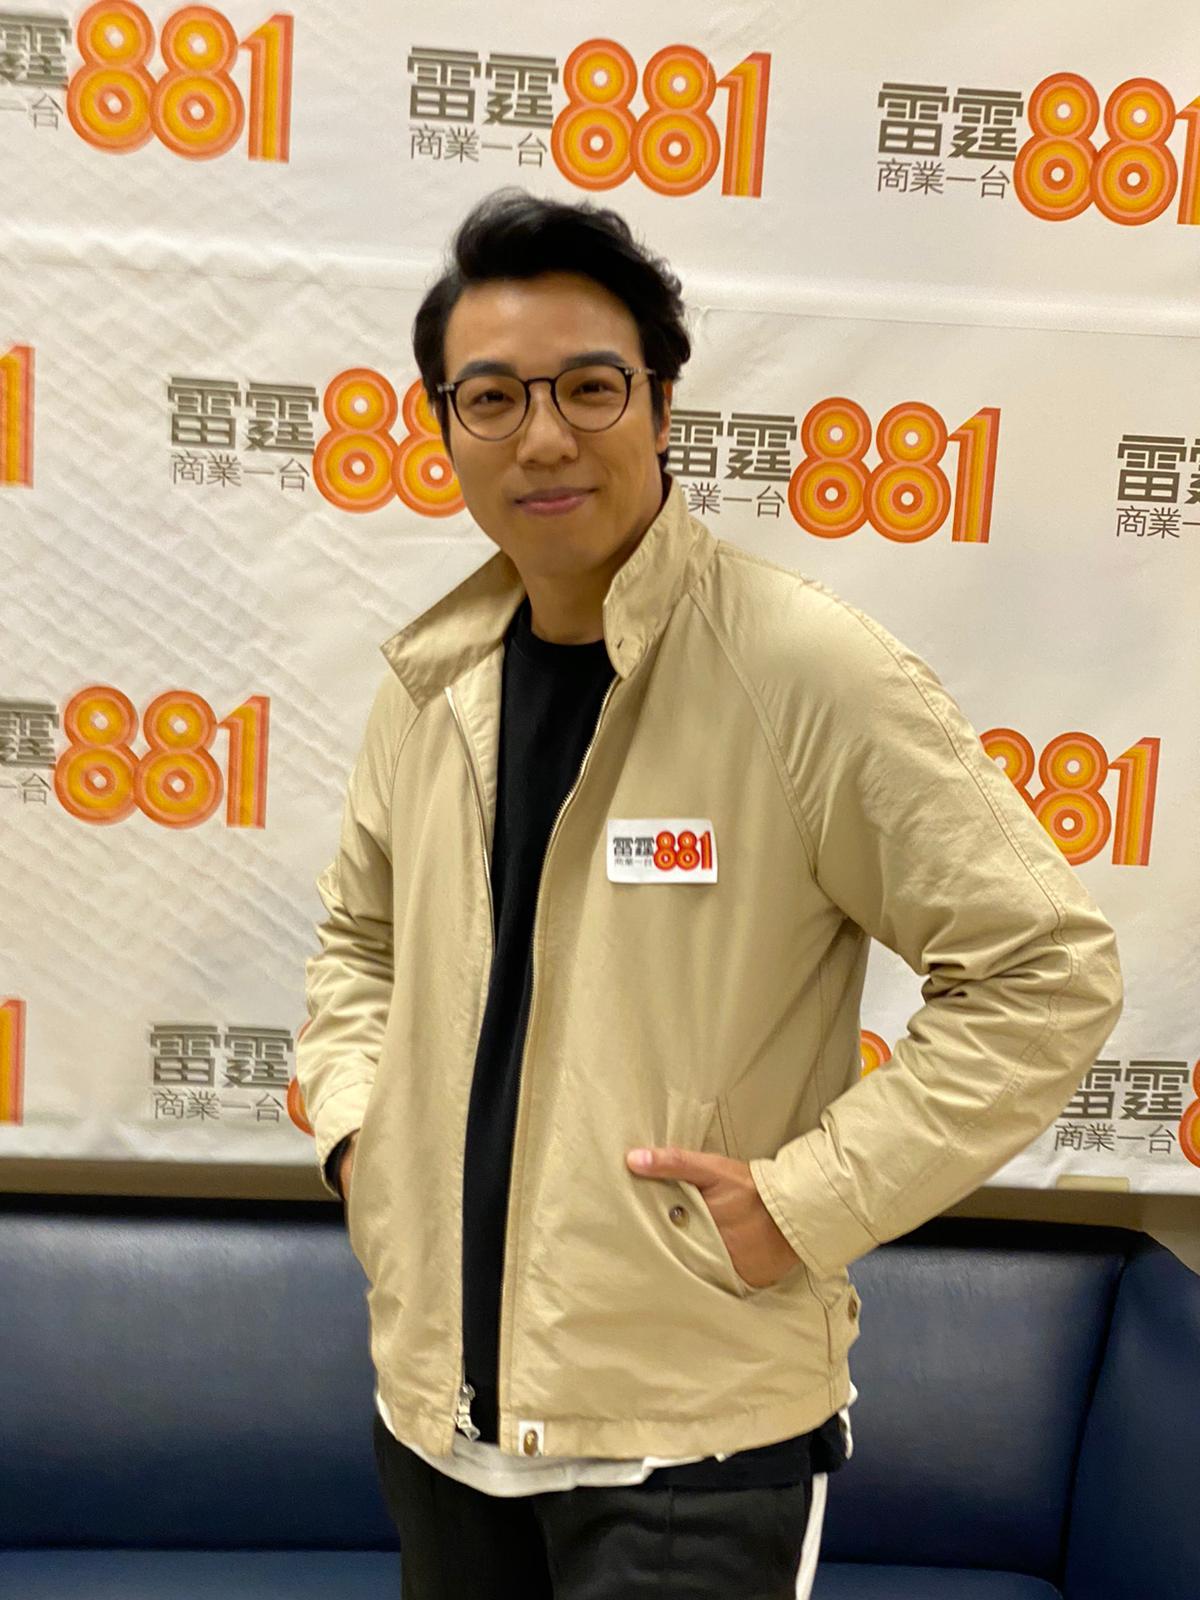 鄭世豪到電台宣傳新歌。